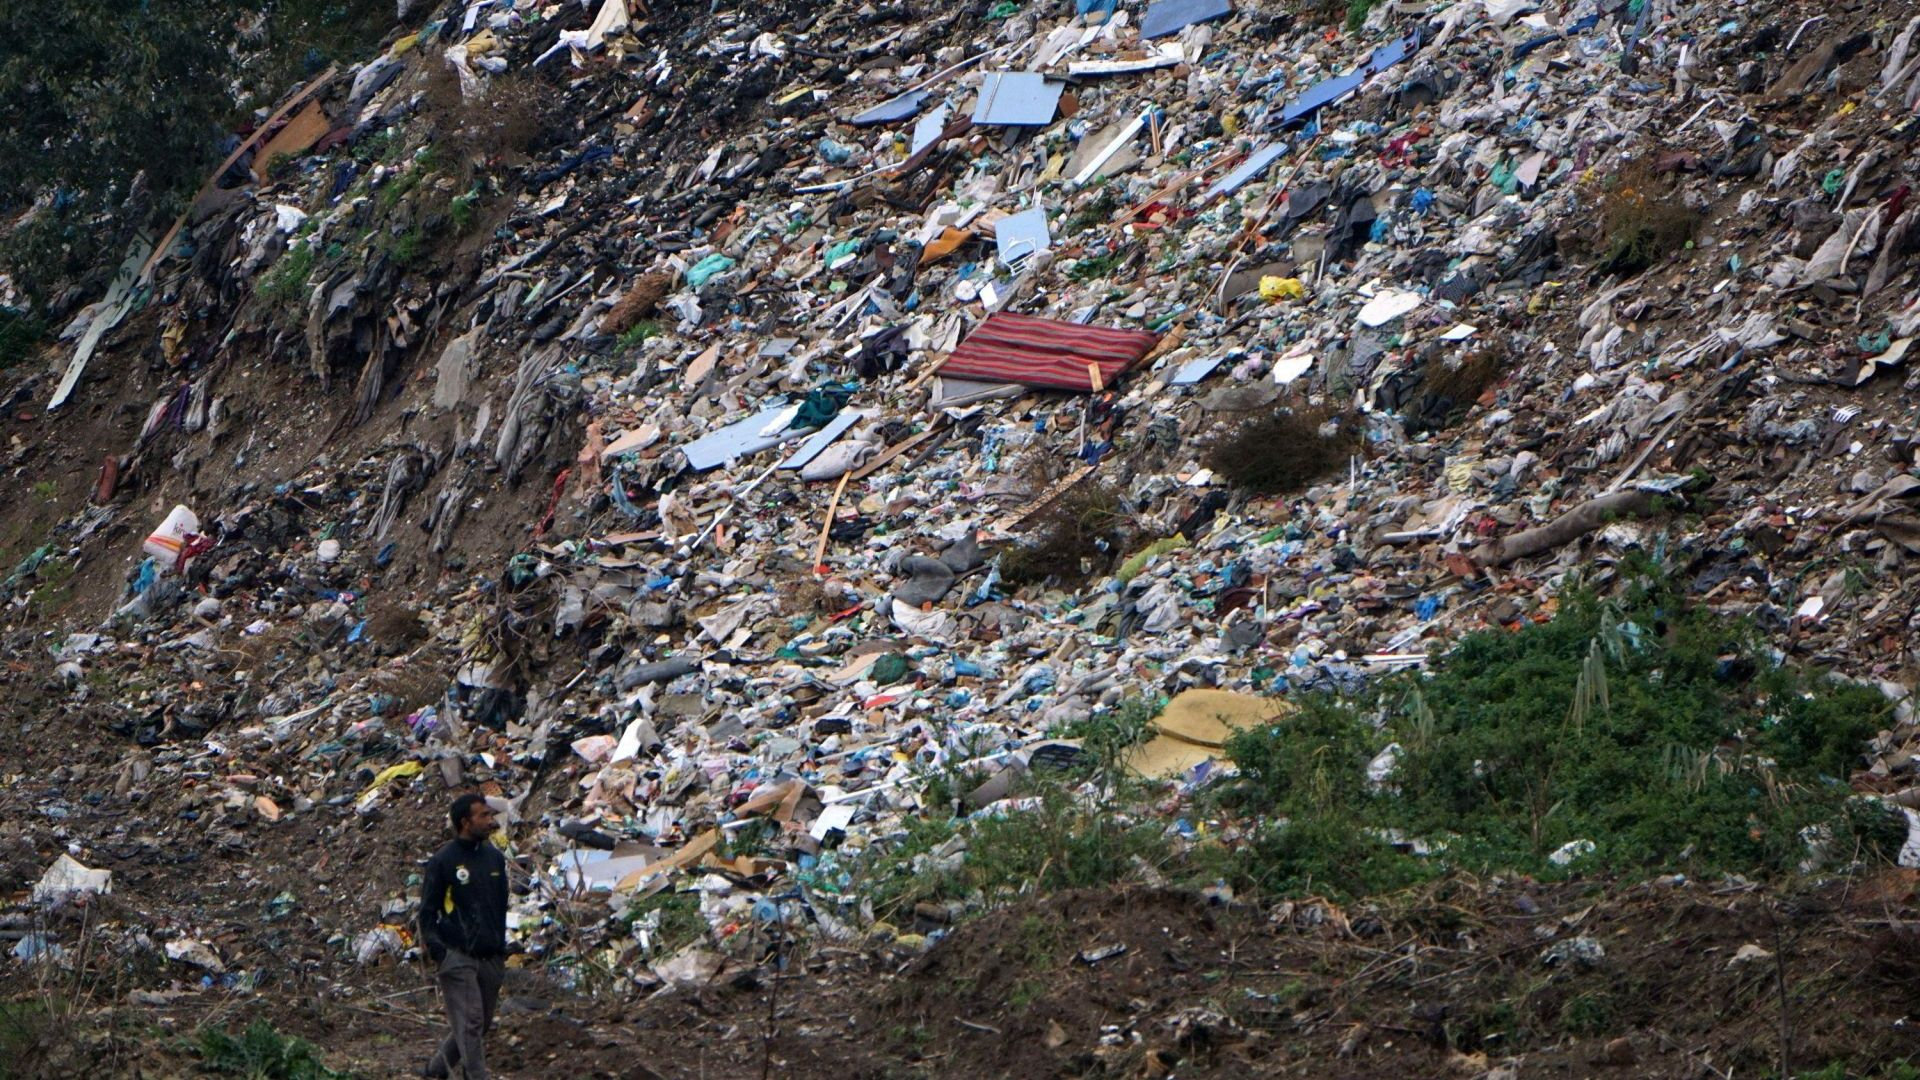 ДАНС и МВР проверяват за нарушения при съхранението на отпадъци в цялата страна